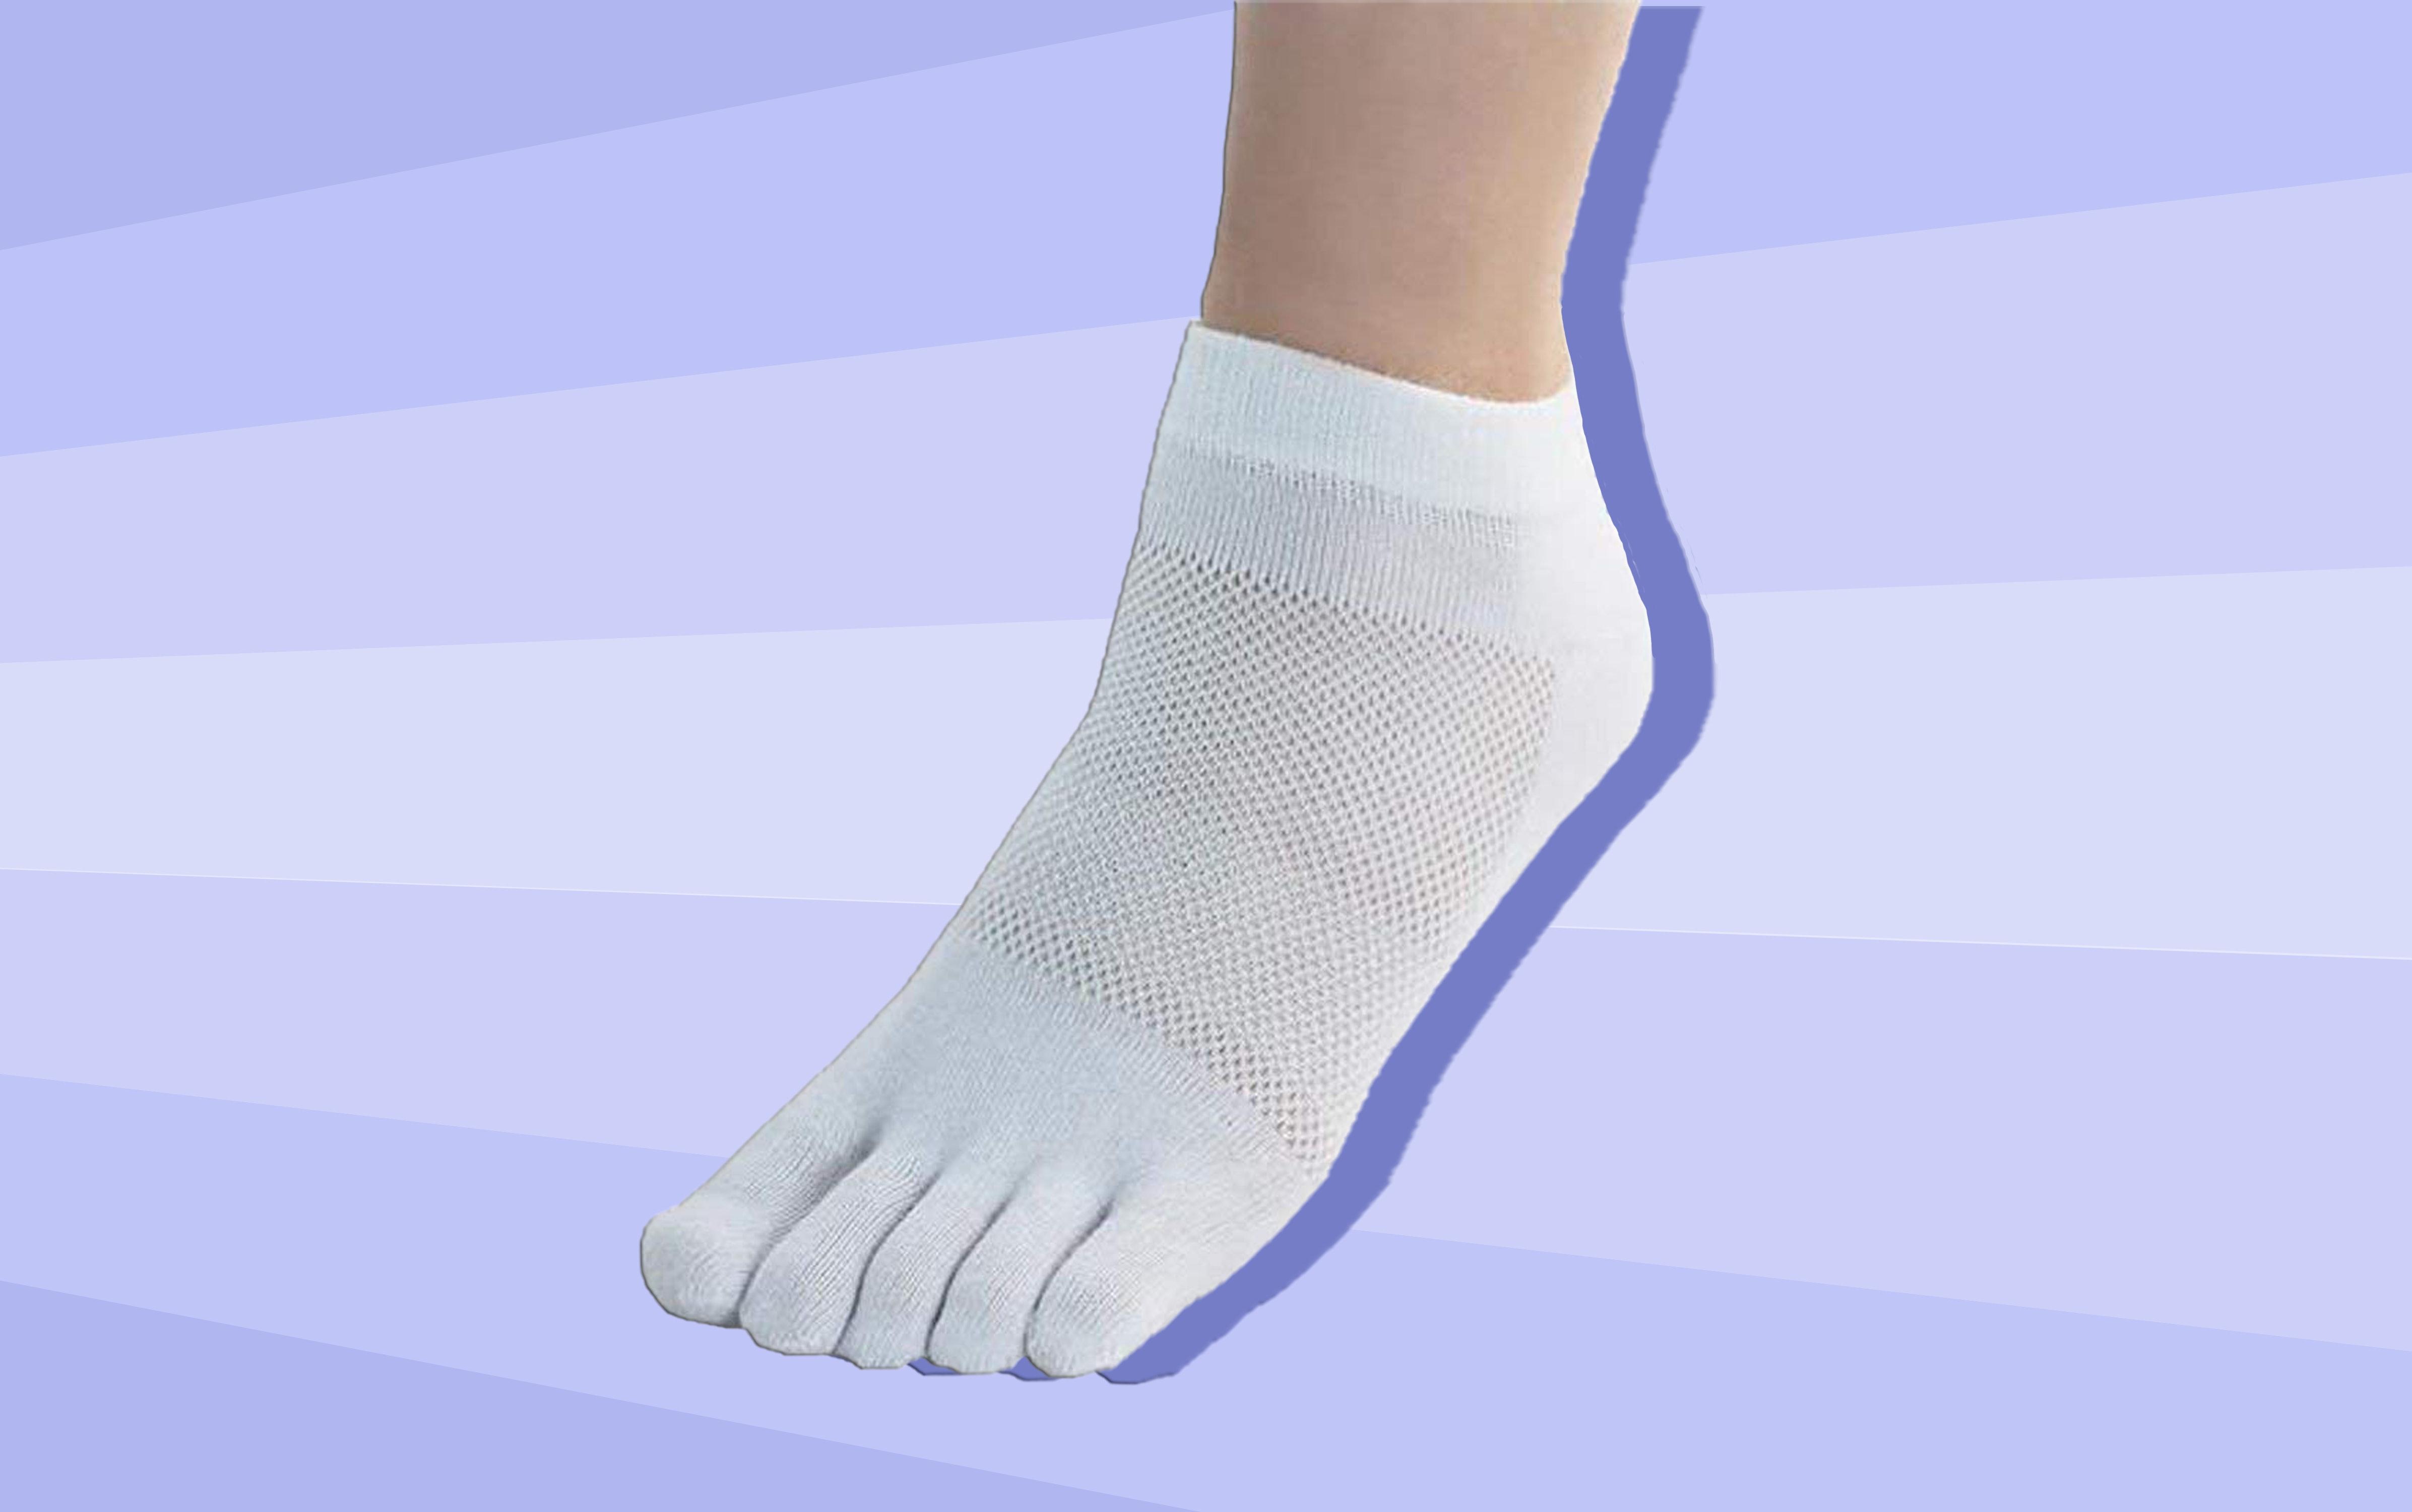 00308f186c4ea The 5 Best Toe Socks